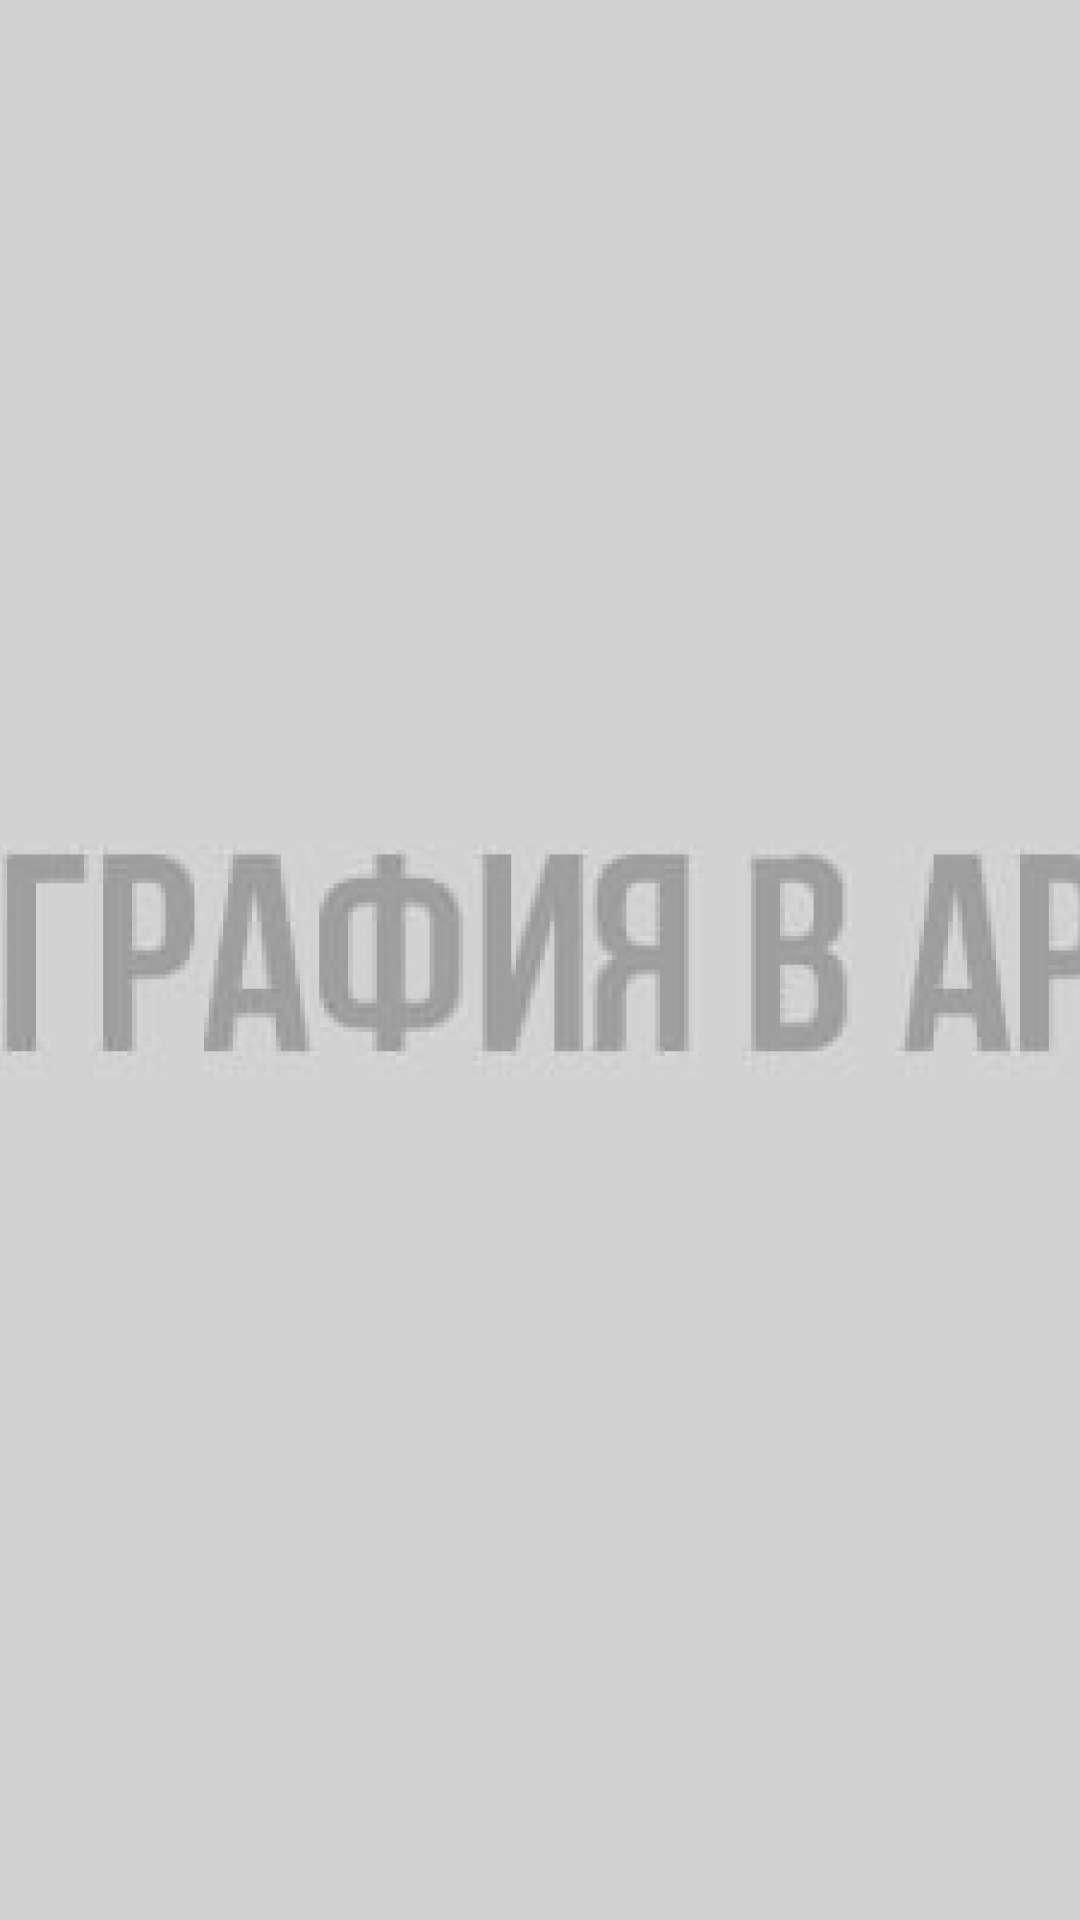 Сразу шесть заявок за день на спасение кошек получили волонтеры ПСО «Экстремум» Спасение животных в Санкт-Петербурге, Спасение животных в России, Спасение животных в Ленобласти, Спасение животных, спасатели, Санкт-Петербург, Россияне, Россия, Ленобласть, кошки, коты, Компания ПСО «Экстремум», животные, Домашние животные в Санкт-Петербурге, Домашние животные в России, Домашние животные в Ленобласти, волонтеры